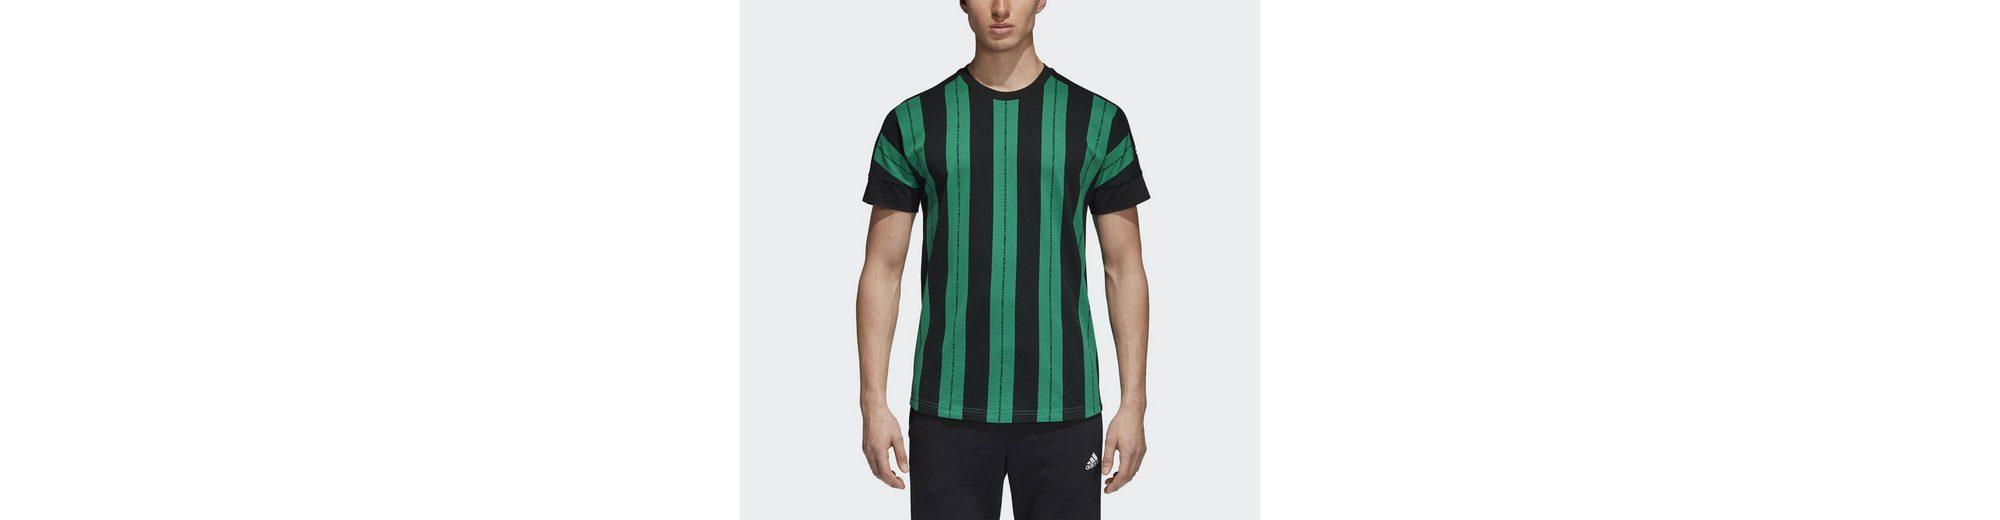 adidas Performance T-Shirt ID Jersey T-Shirt Erstaunlicher Preis Top-Qualität Verkauf Online Spielraum Kaufen Rabatt Veröffentlichungstermine L6RsMooVQM